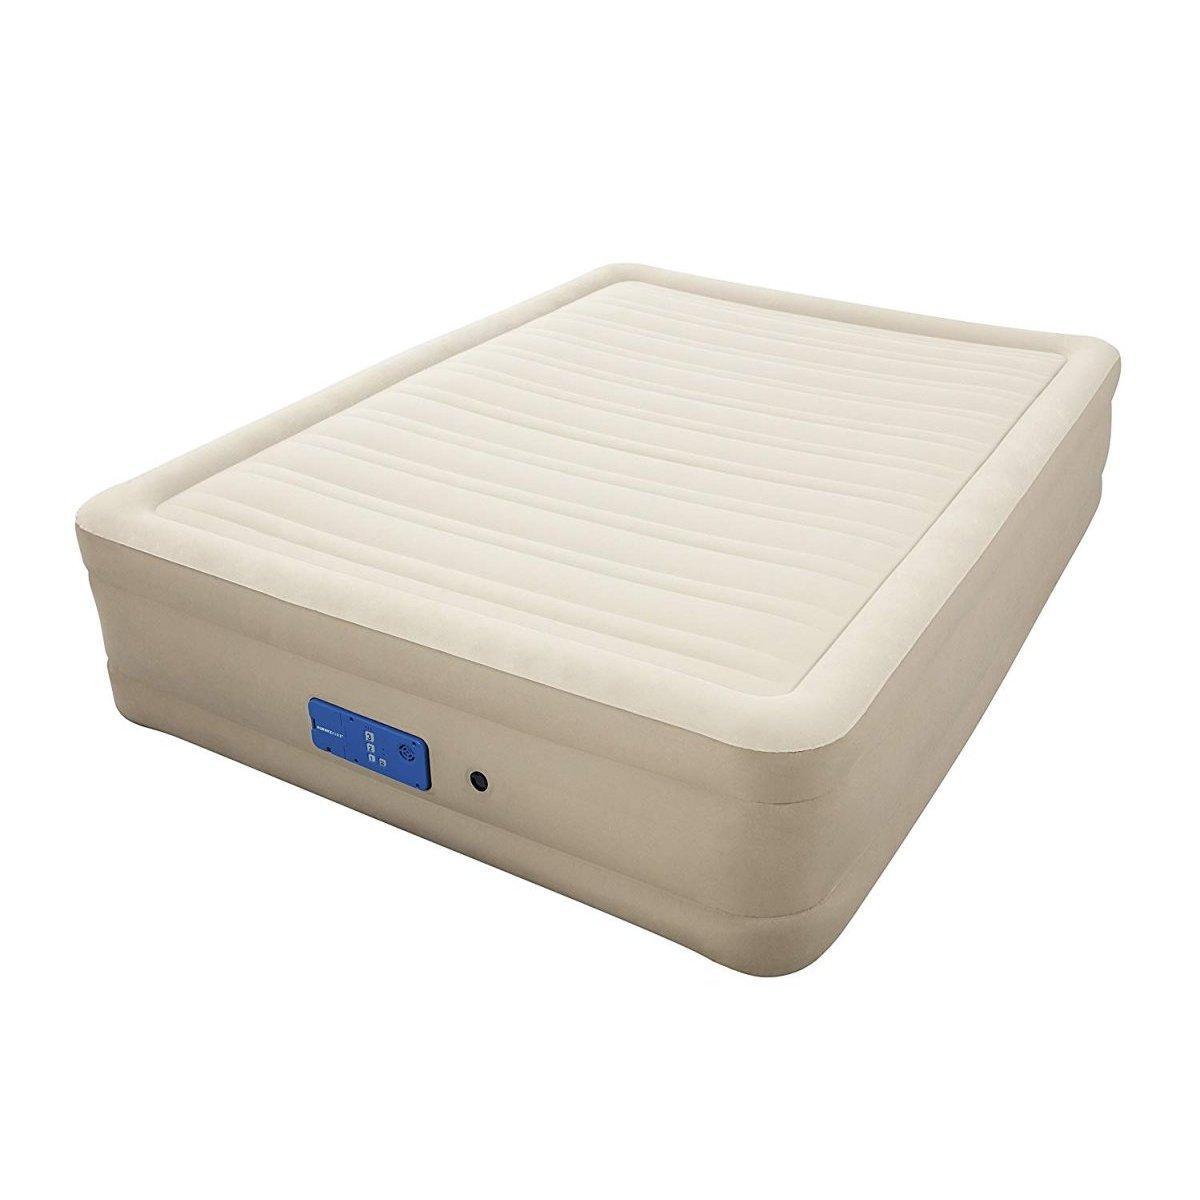 Надувная кровать Bestway 69032, 152 х 203 х 43 , встроенный электронасос Alwayzaire. Двухспальная